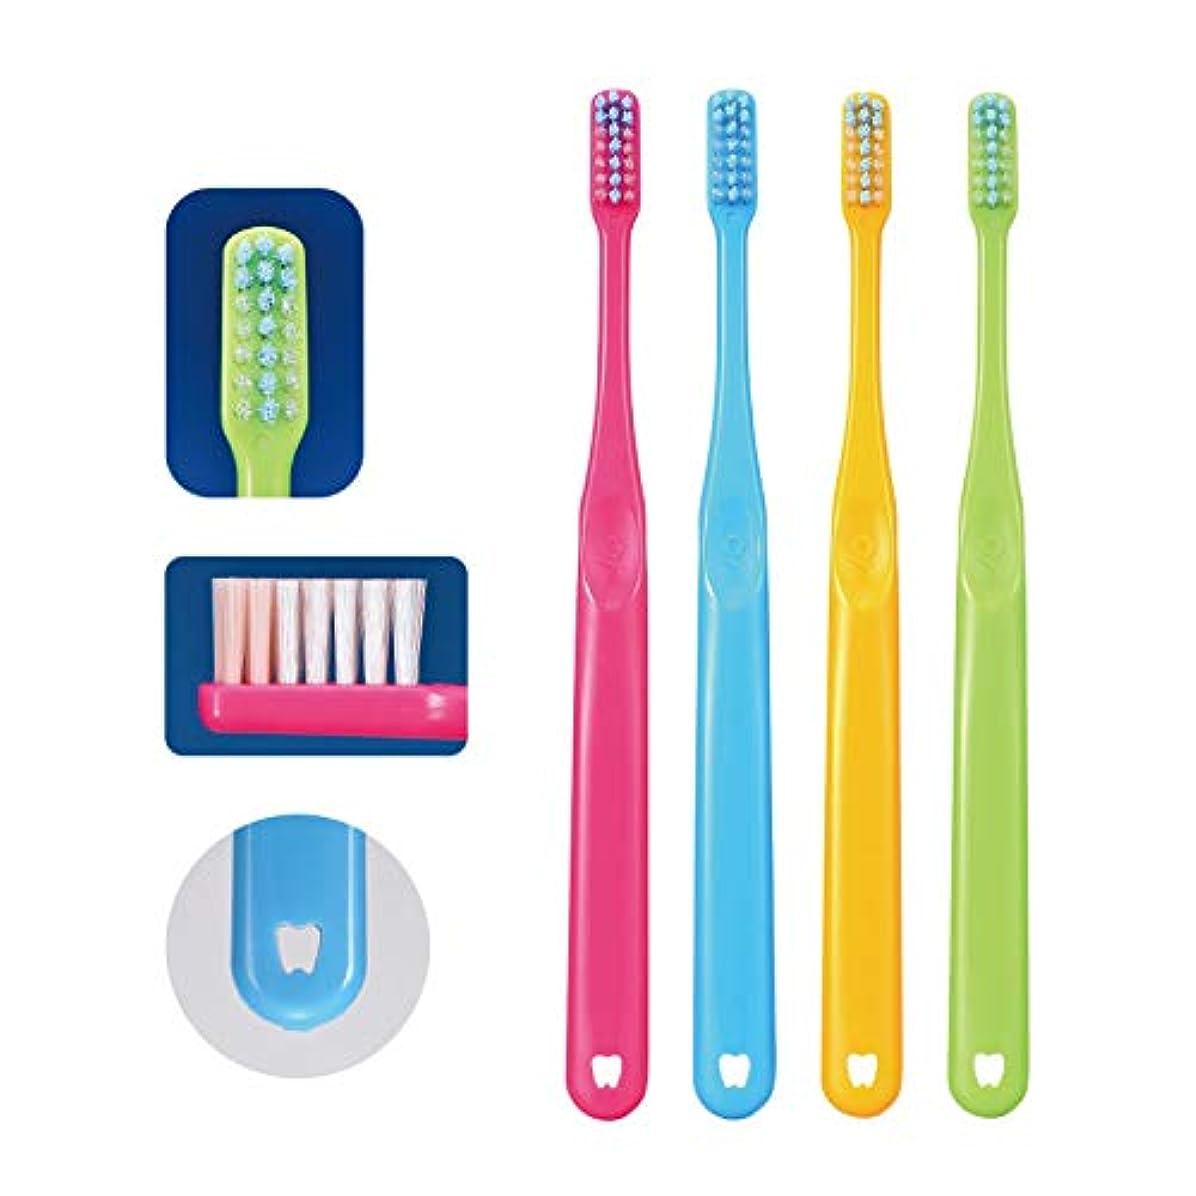 昇進勢い批判するCi PRO PLUS プロプラス 歯ブラシ 20本 M(ふつう) 日本製 プラーク除去 歯科専売品